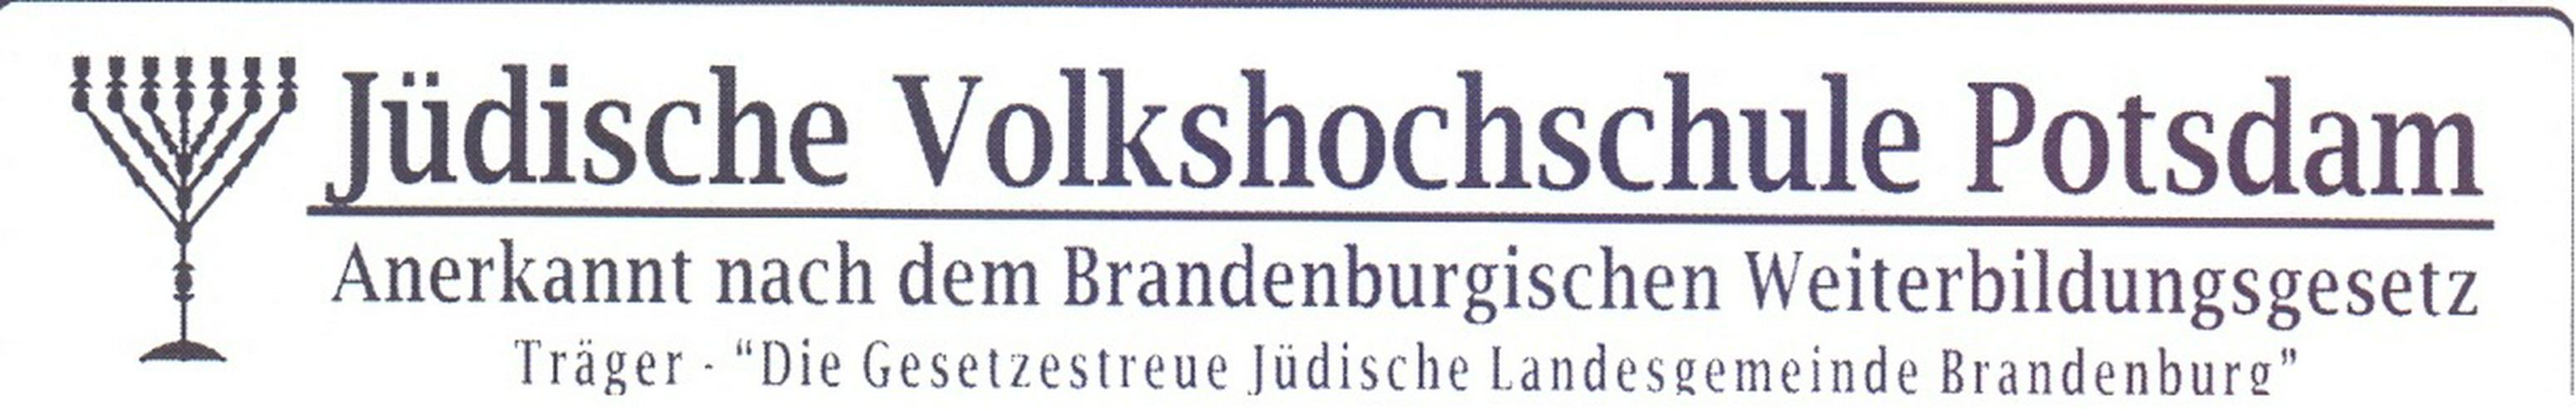 Ehrenamtliche Deutschlehrer in Potsdam gesucht